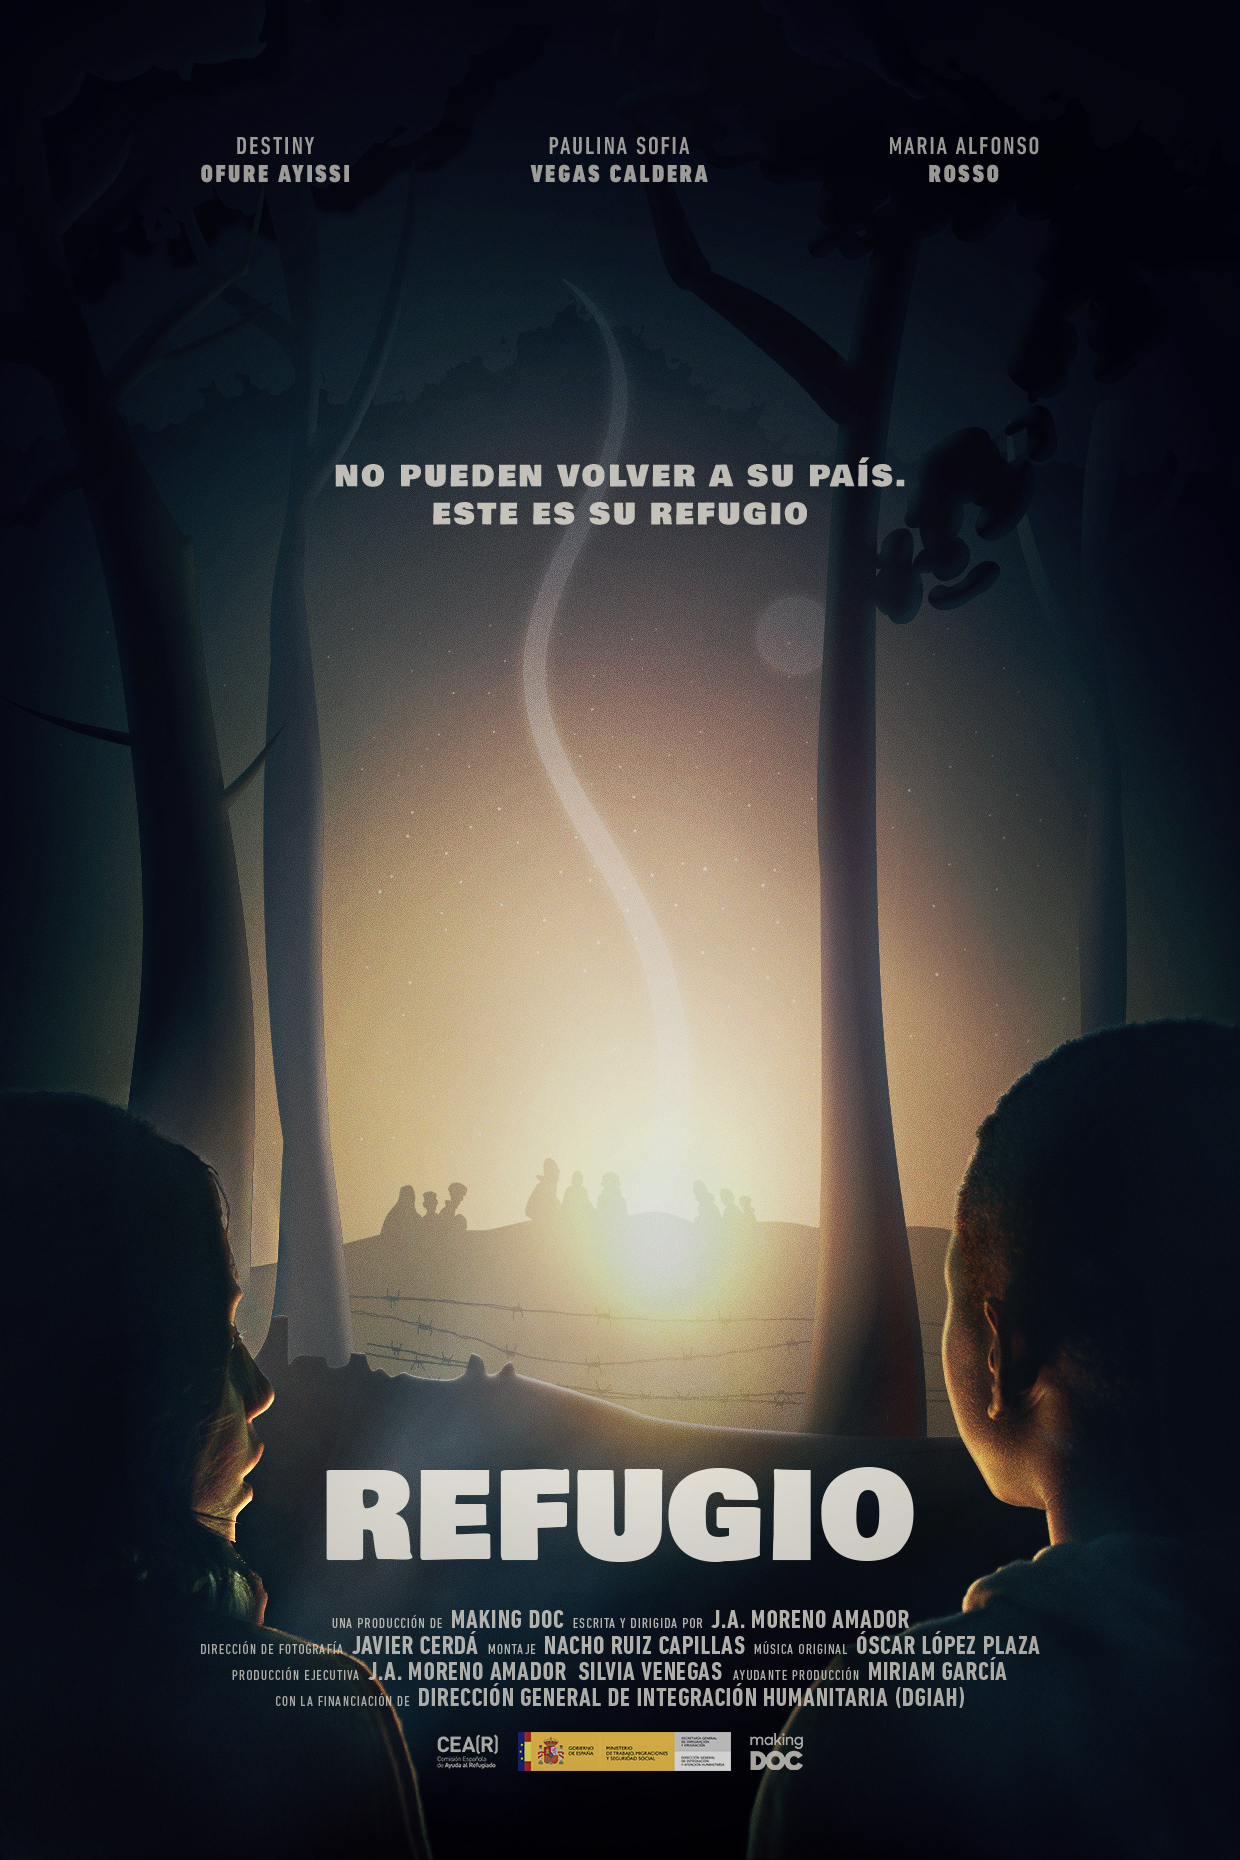 """El cortometraje """"Refugio"""", dirigido por Juan Antonio Moreno y producido por Making DOC, ha sido seleccionado en Filmets – Badalona Film Festival"""